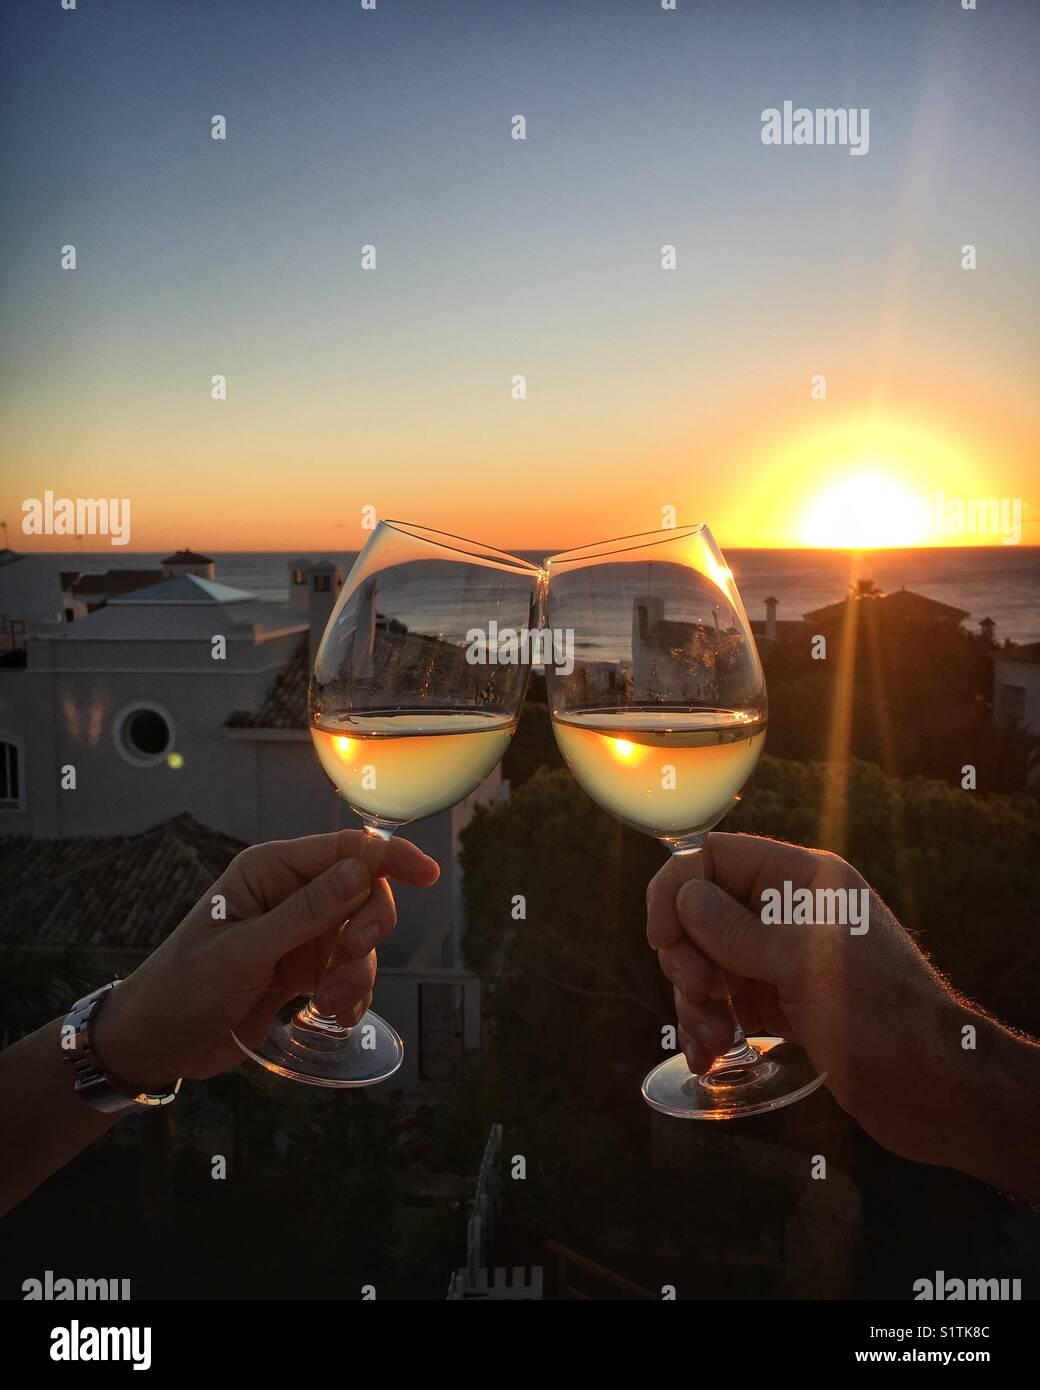 Zwei Weingläser zusammen Klirren bei Sonnenuntergang. Prost! Stockbild